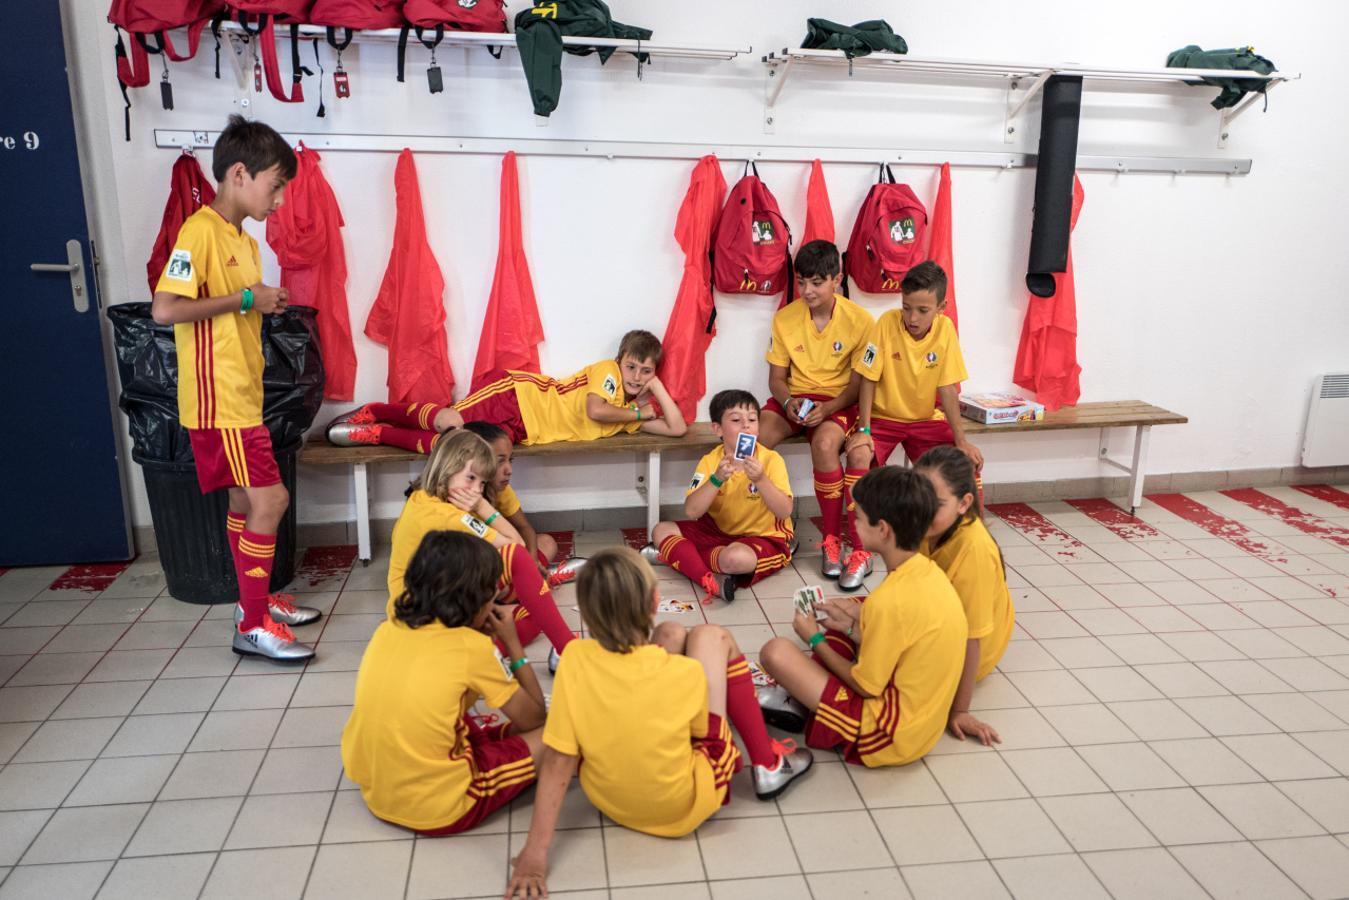 Los pequeños se lo pasaron en grande jugando en los vestuarios del estadio de Toulouse